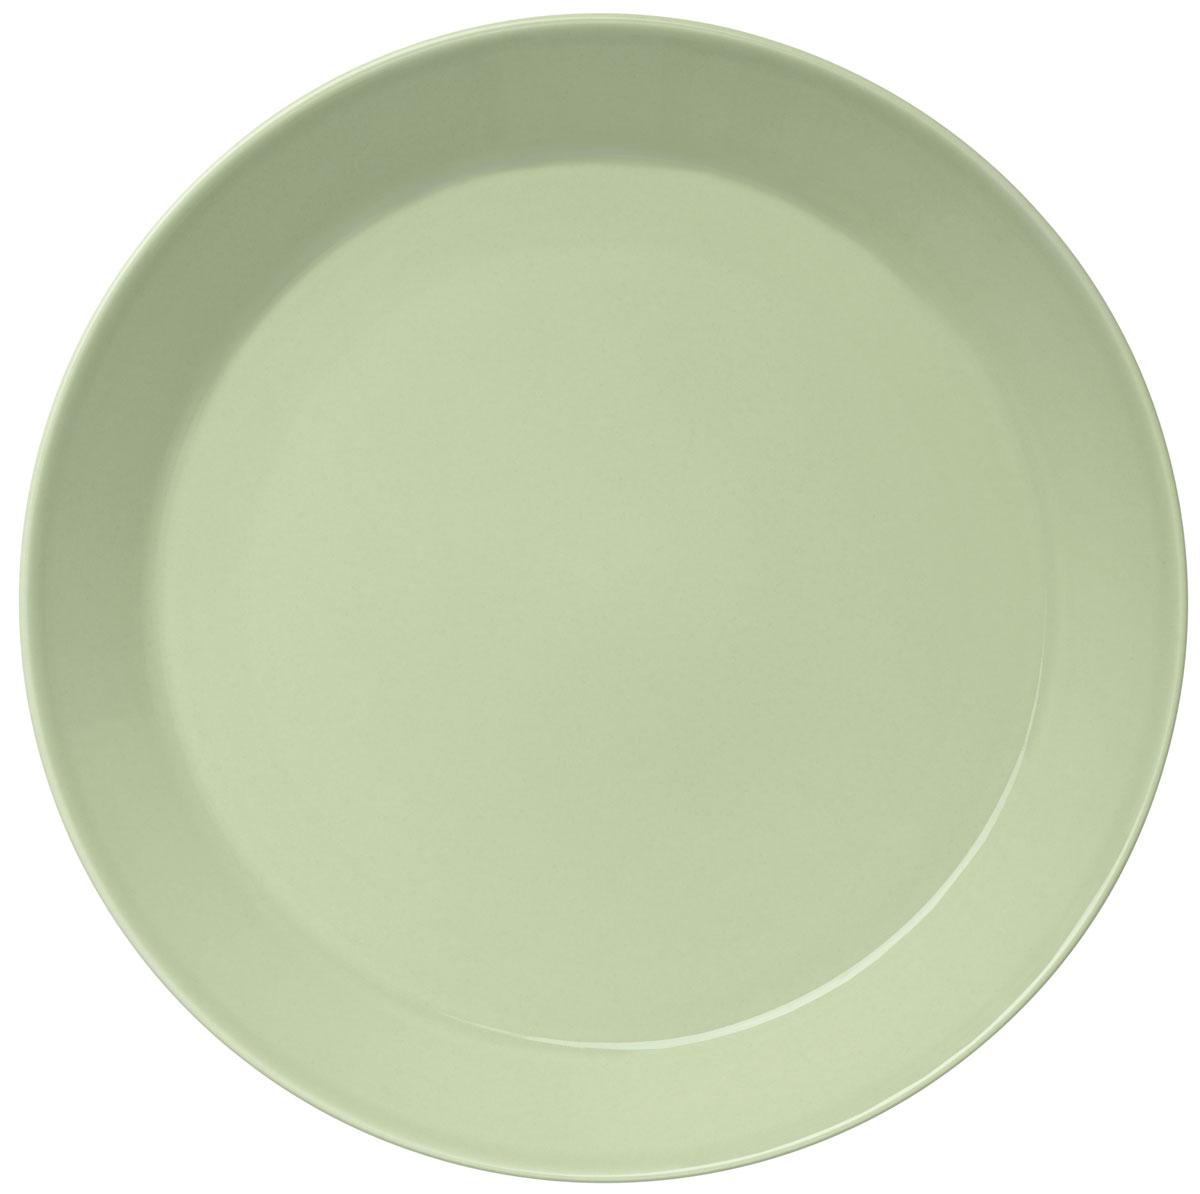 Тарелка Iittala Teema, цвет: зеленый, диаметр 26 смEL-R0924/MAIGТарелка Iittala Teema выполнена из качественного жароустойчивого прочного фарфора с долговечным стекловидным эмалевым покрытием.Можно мыть в посудомоечной машине. Диаметр: 26 см.